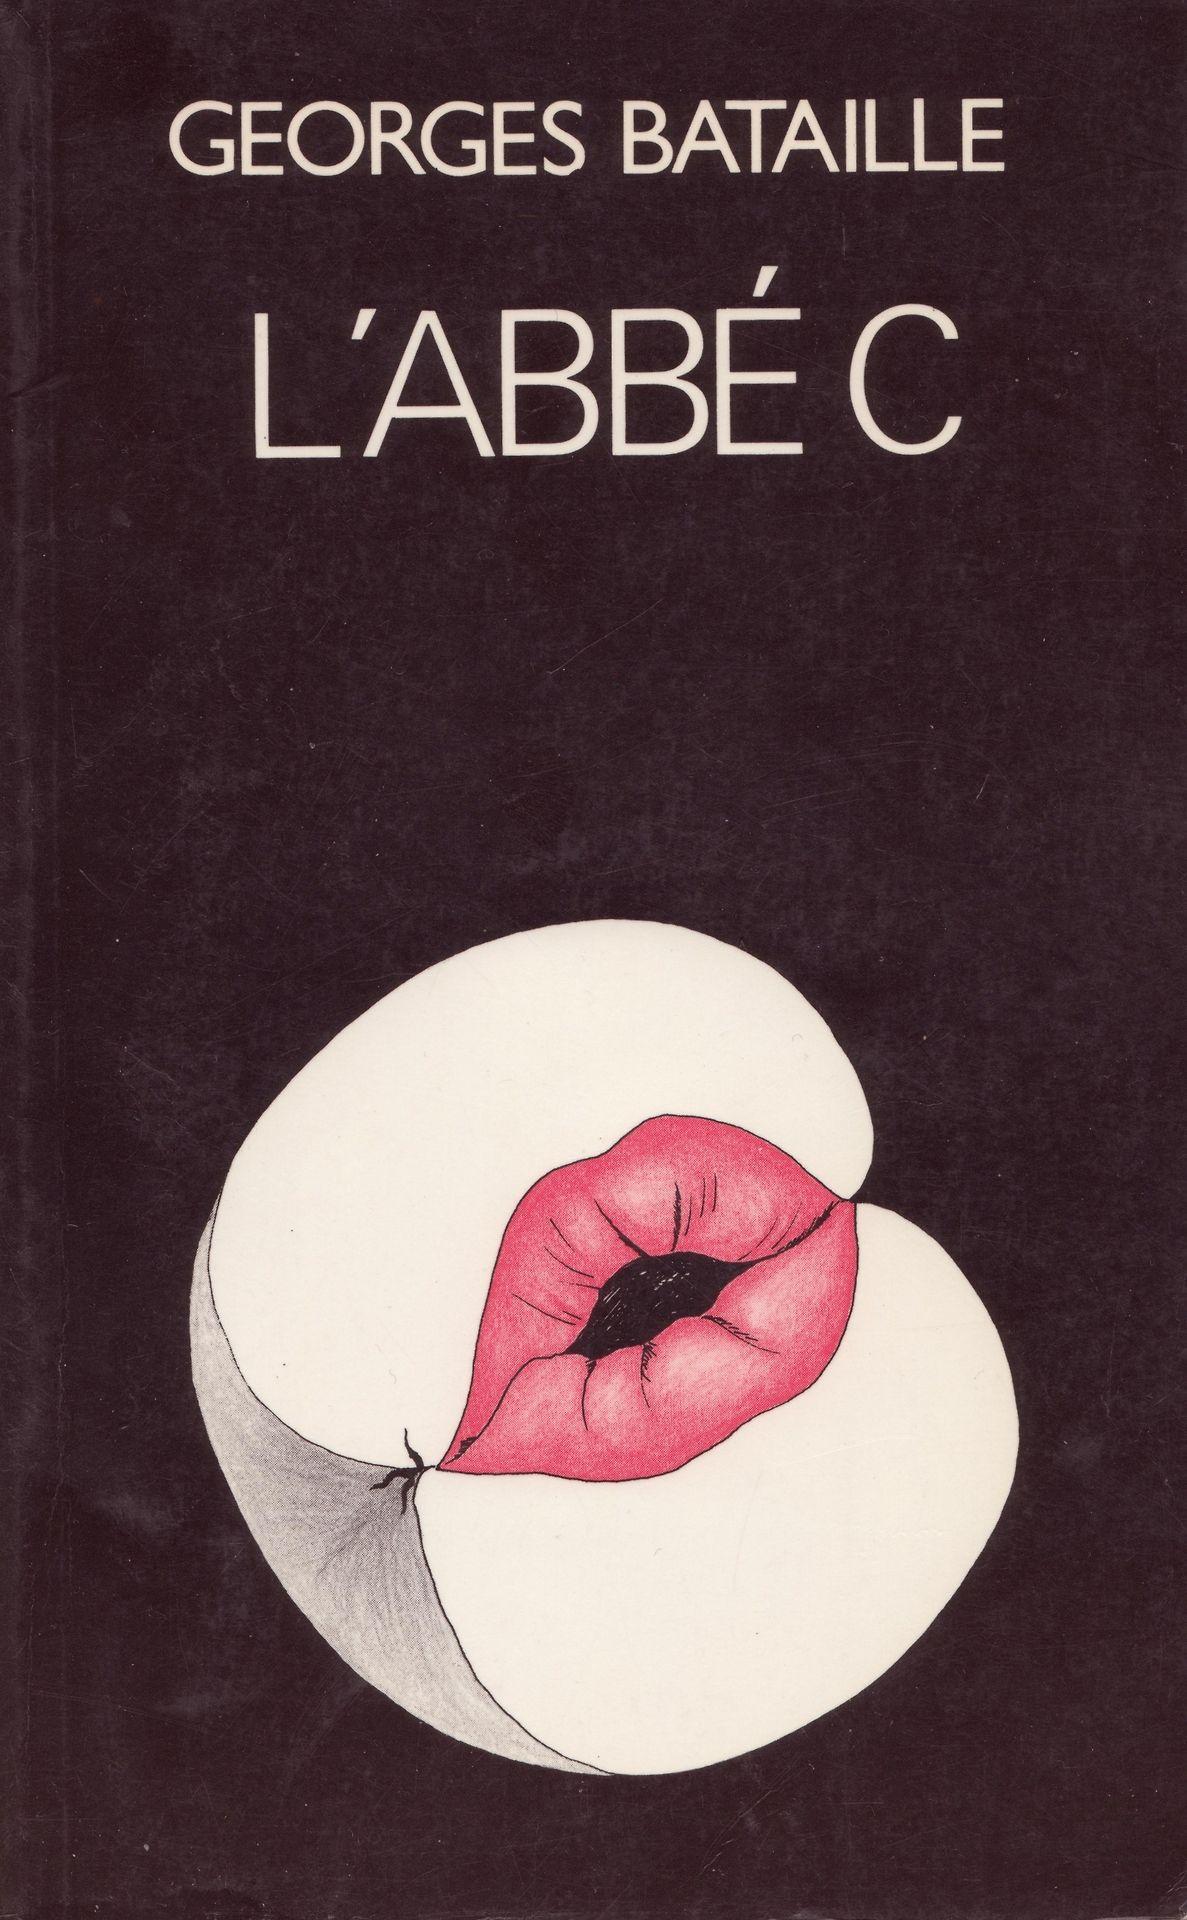 L'Abbé C: A Novel trans. Philip A. Facey Cover art